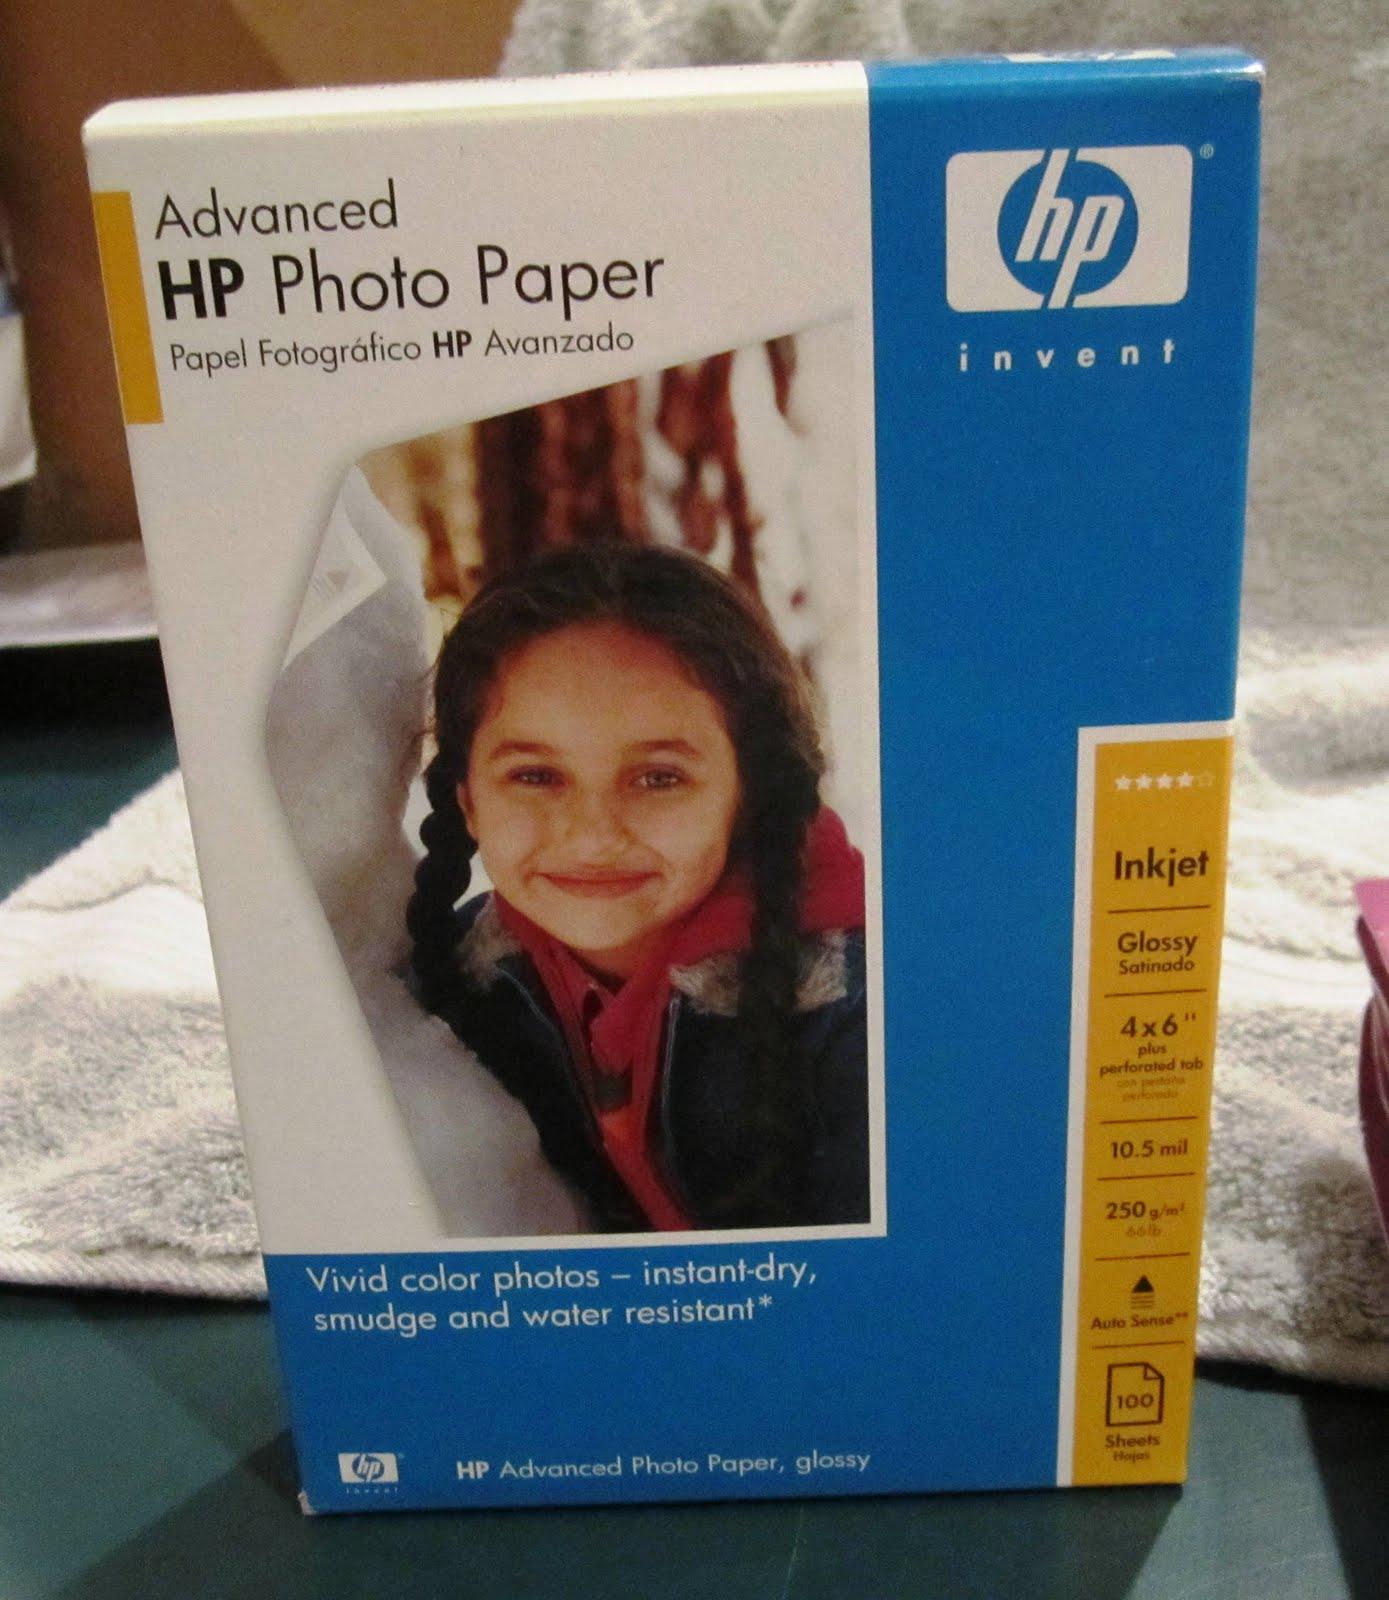 http://3.bp.blogspot.com/_cY9AcGjVjC8/TRzrfOb0DUI/AAAAAAAAAC0/u1fjHqYPn3k/s1600/Photo%2Bpaper%2Band%2Bmagnet%2B1.JPG